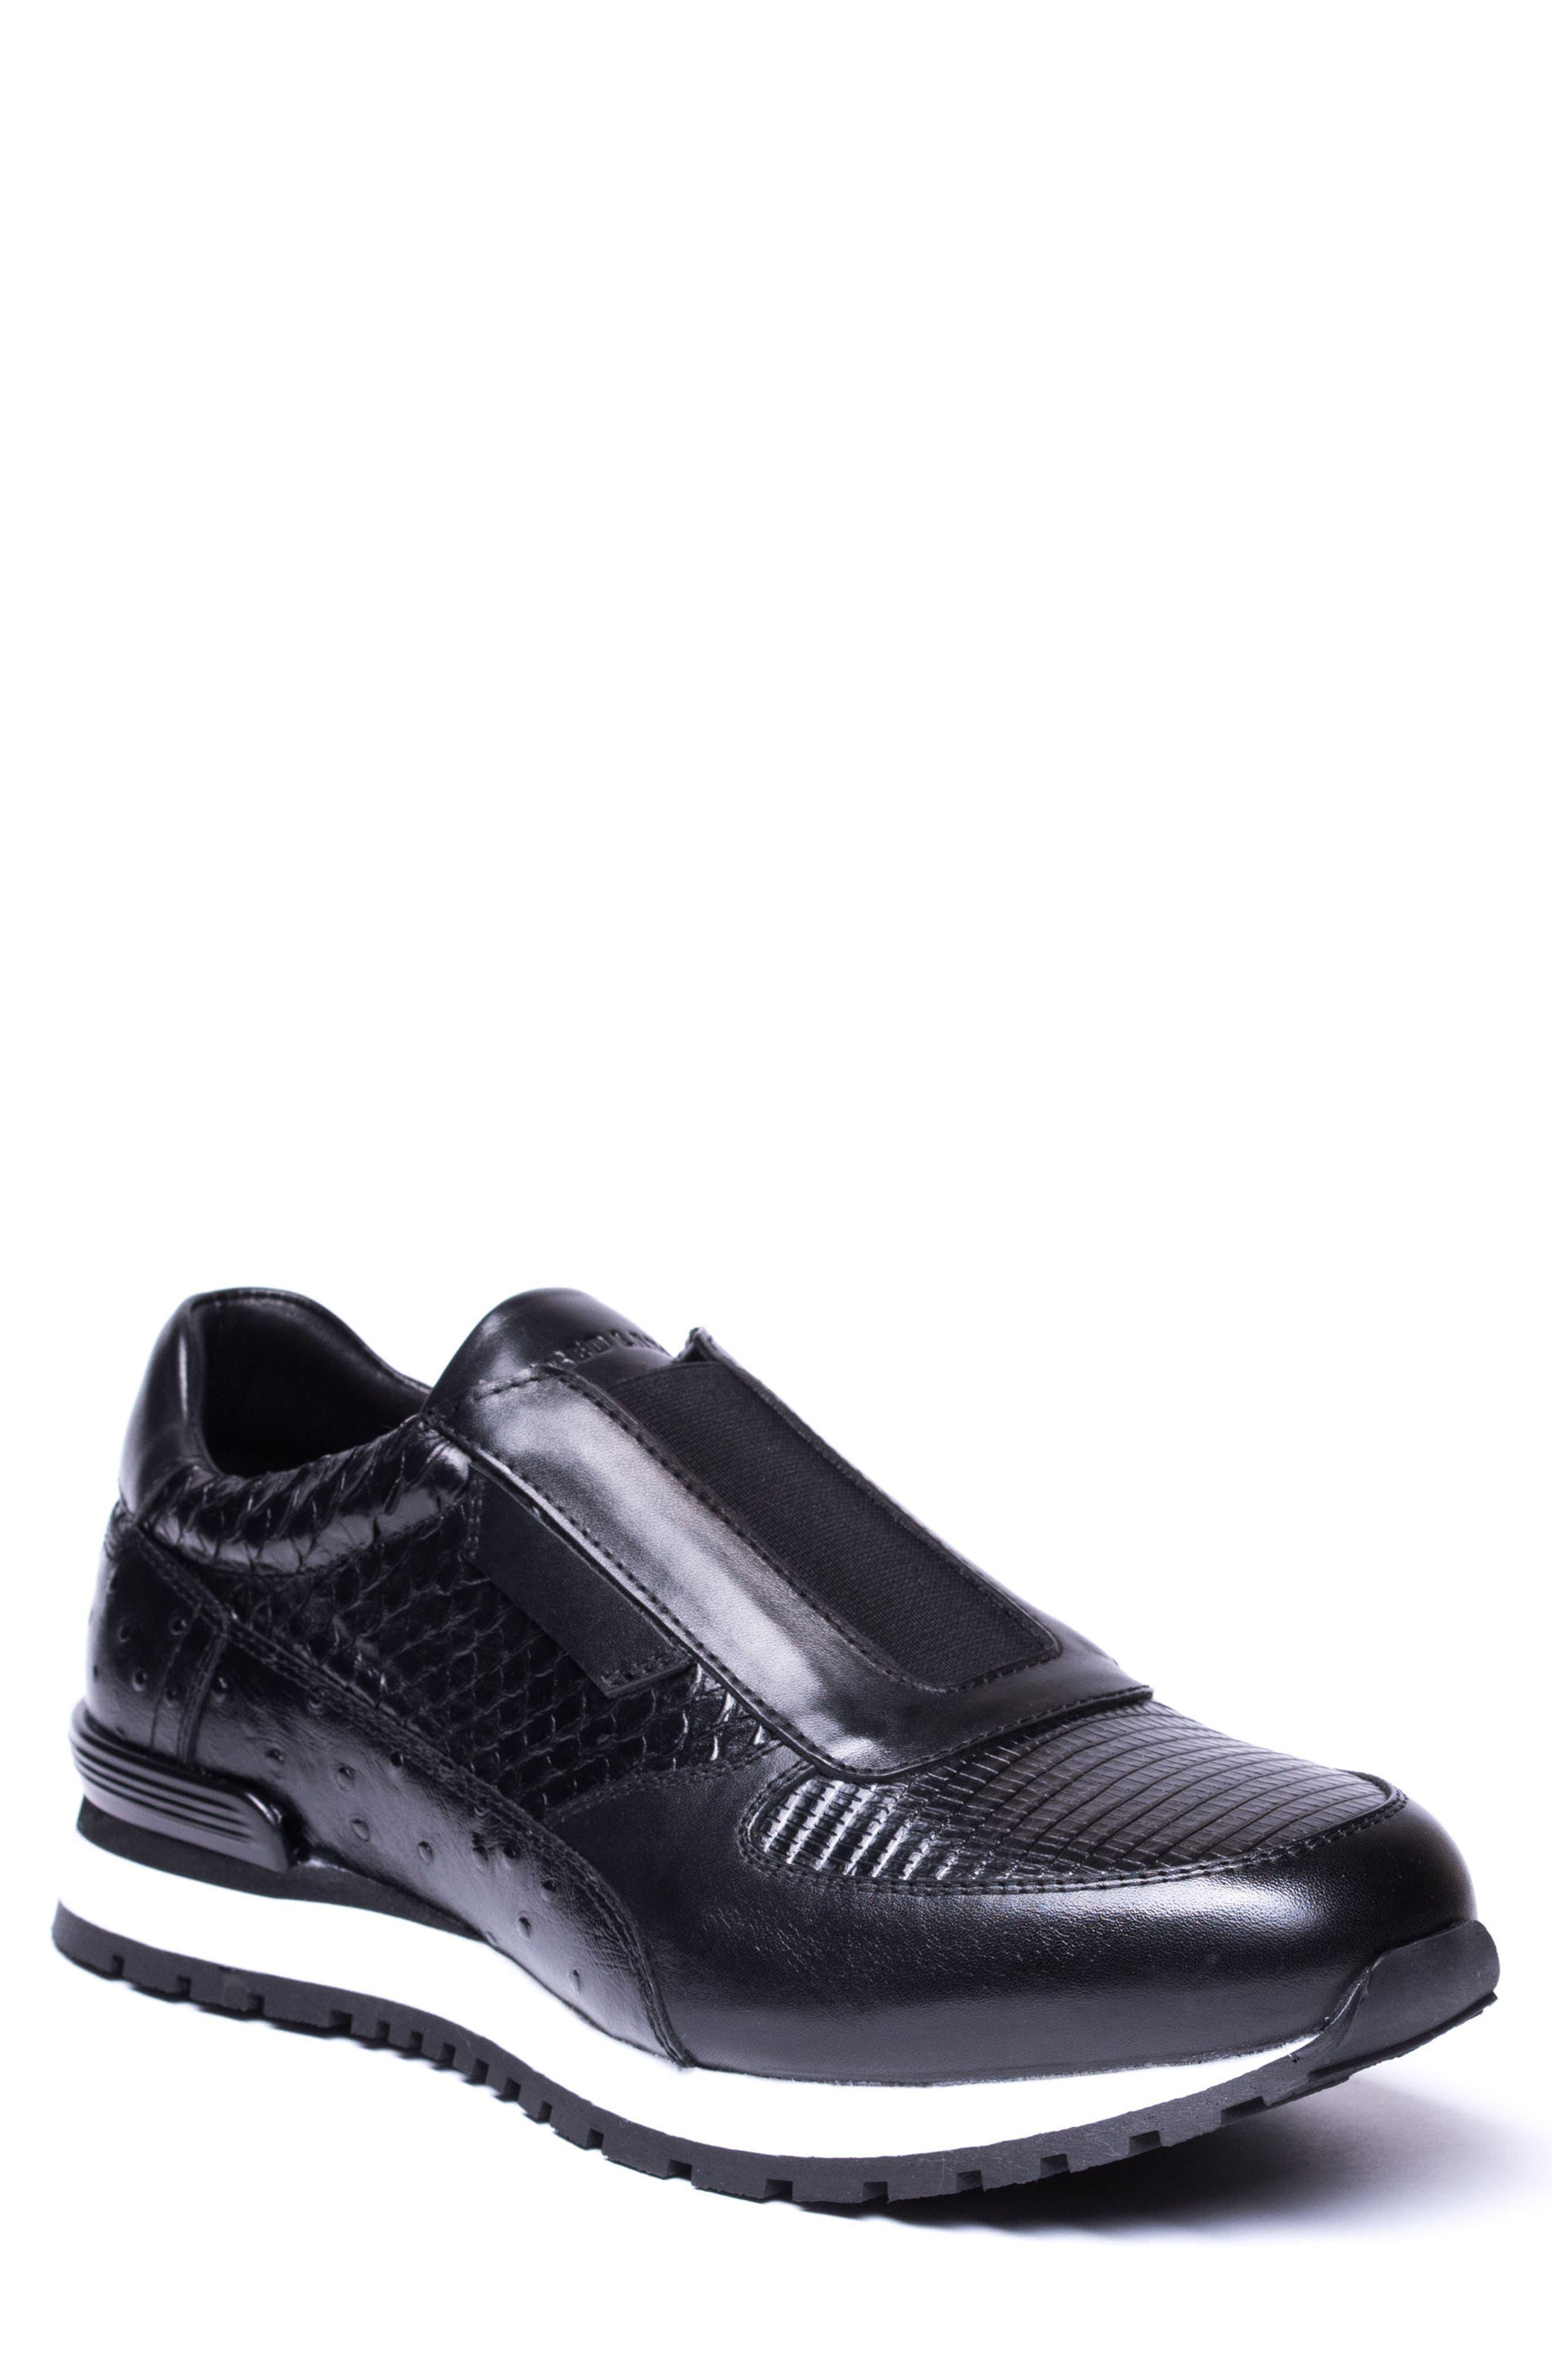 Barrett Embossed Slip-On Sneaker,                         Main,                         color, Black Leather